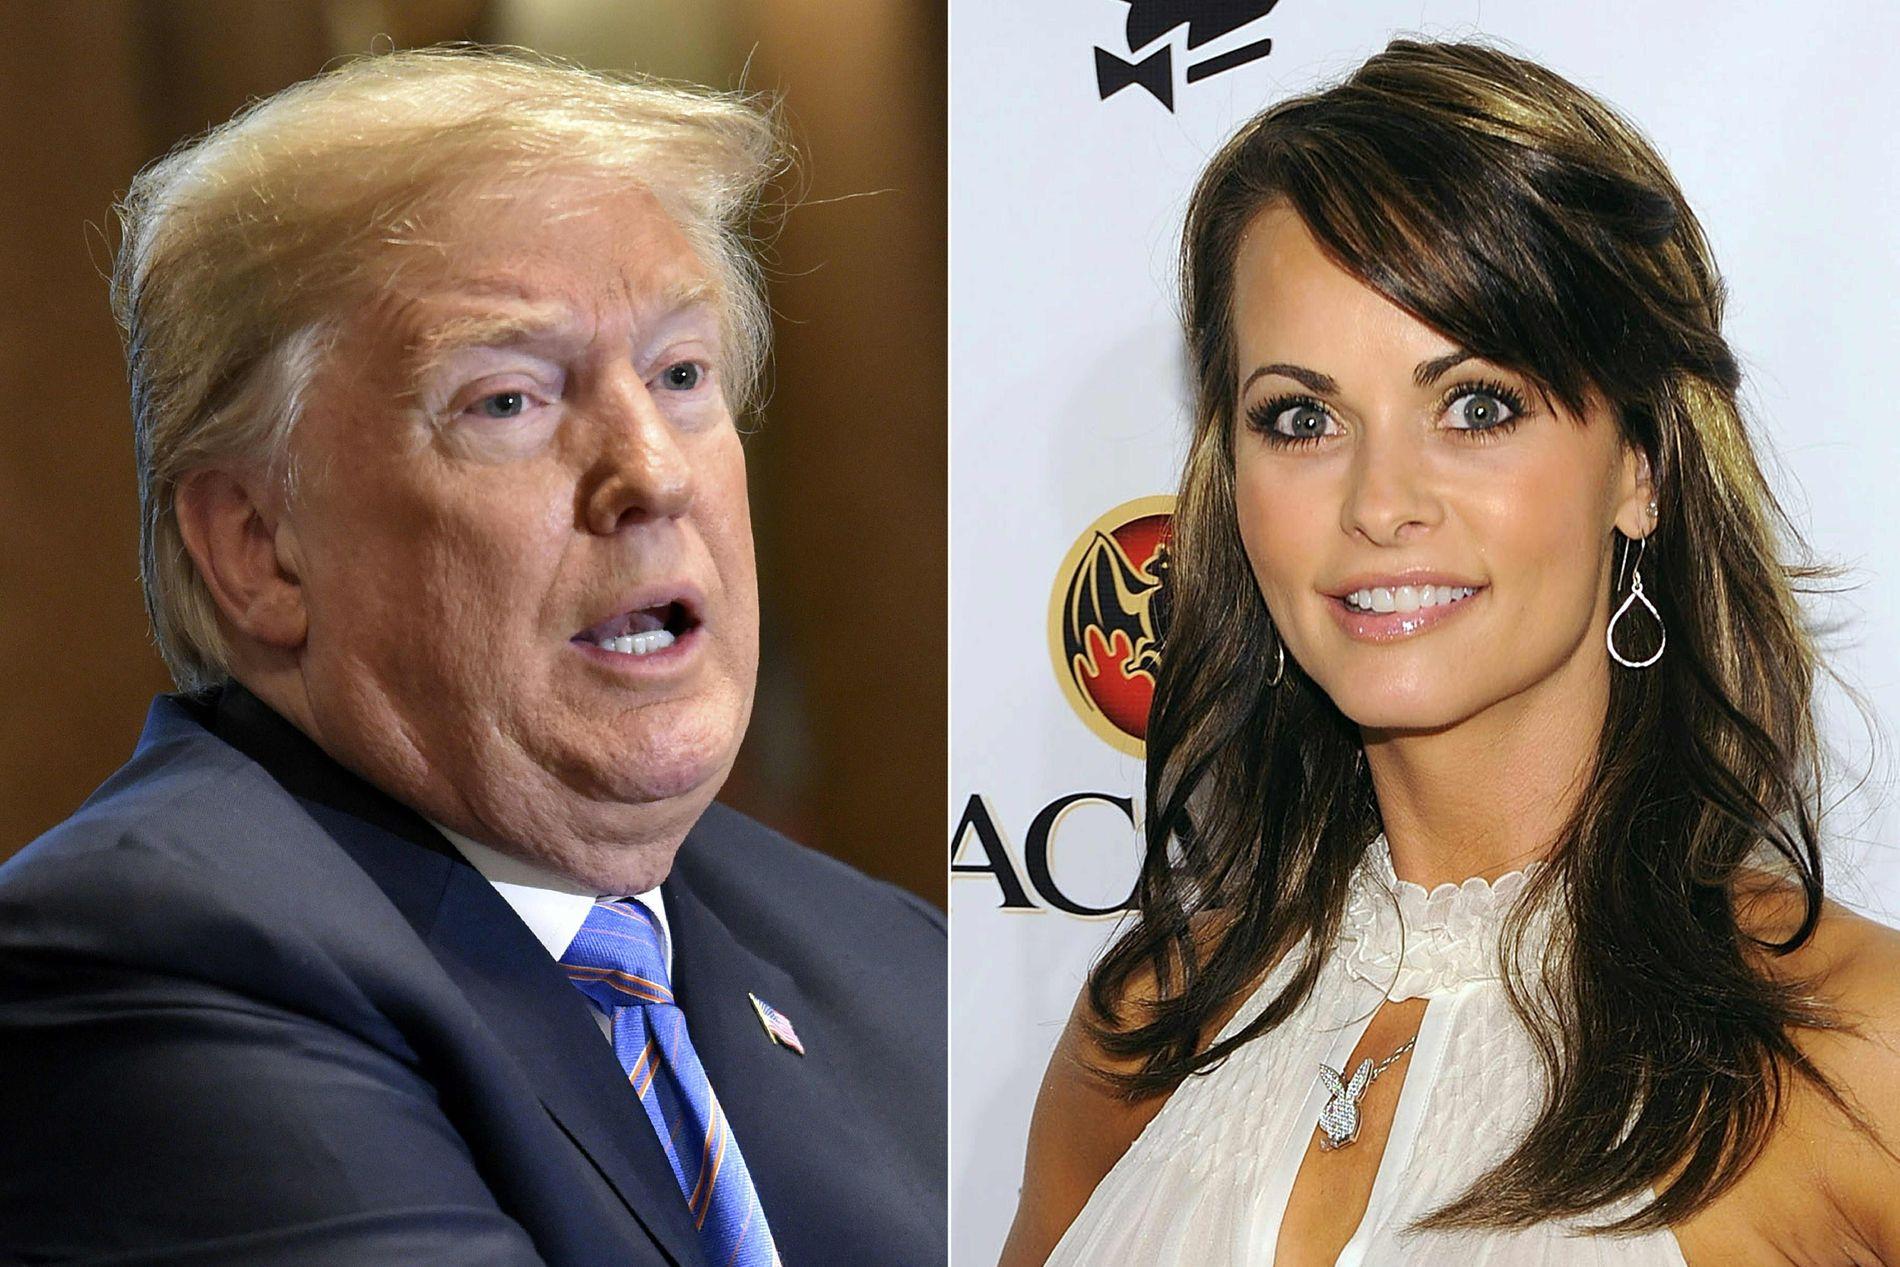 AFFÆRE: USAs president Donald Trump skal ha hatt et forhold til modellen Karen McDougal.